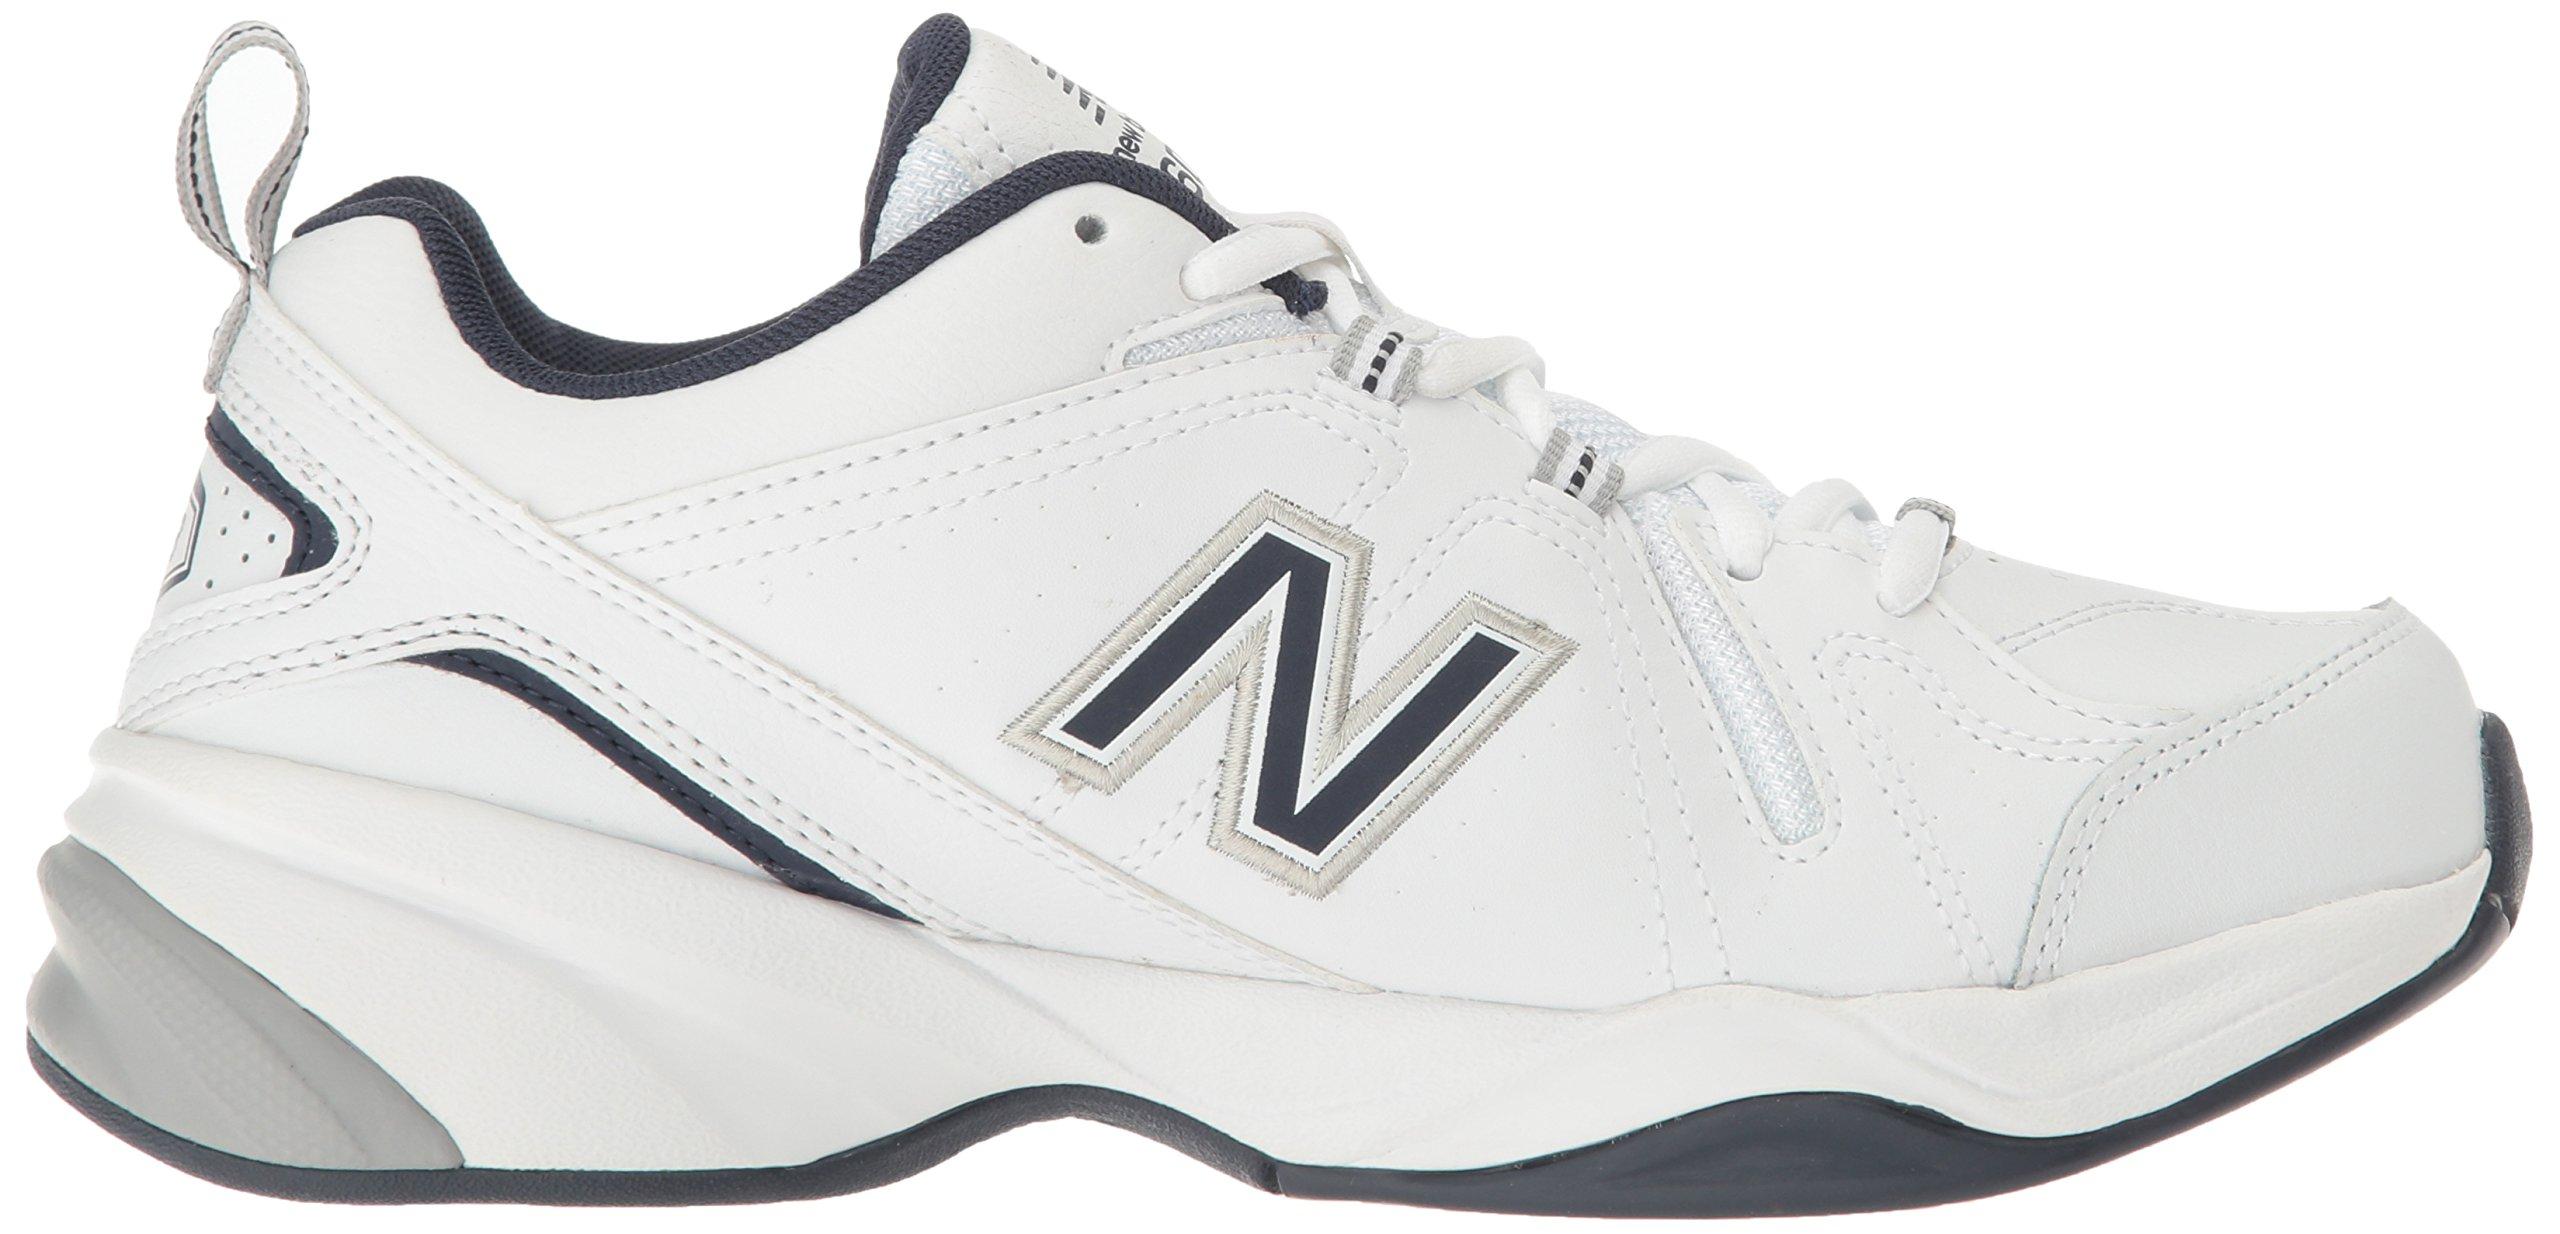 New Balance Men's MX608v4 Training Shoe, White/Navy, 7.5 4E US by New Balance (Image #7)